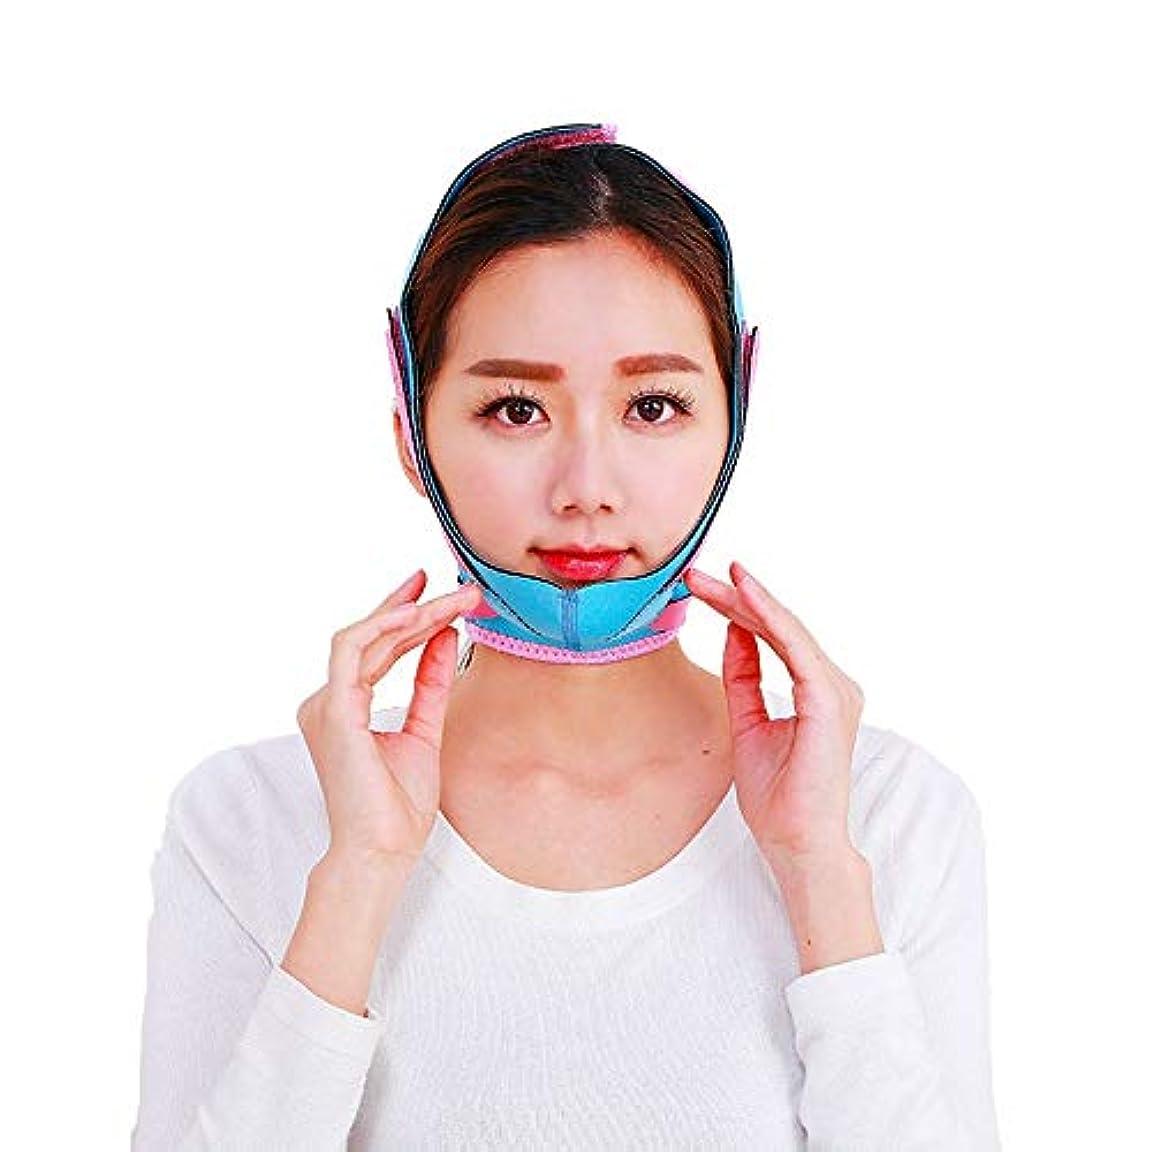 前提条件記録リネンJia Jia- フェイスマスクマスクスリムマスクリフティングコンターリリーフドループマッスル引き締め肌弾性Vフェイス包帯 顔面包帯